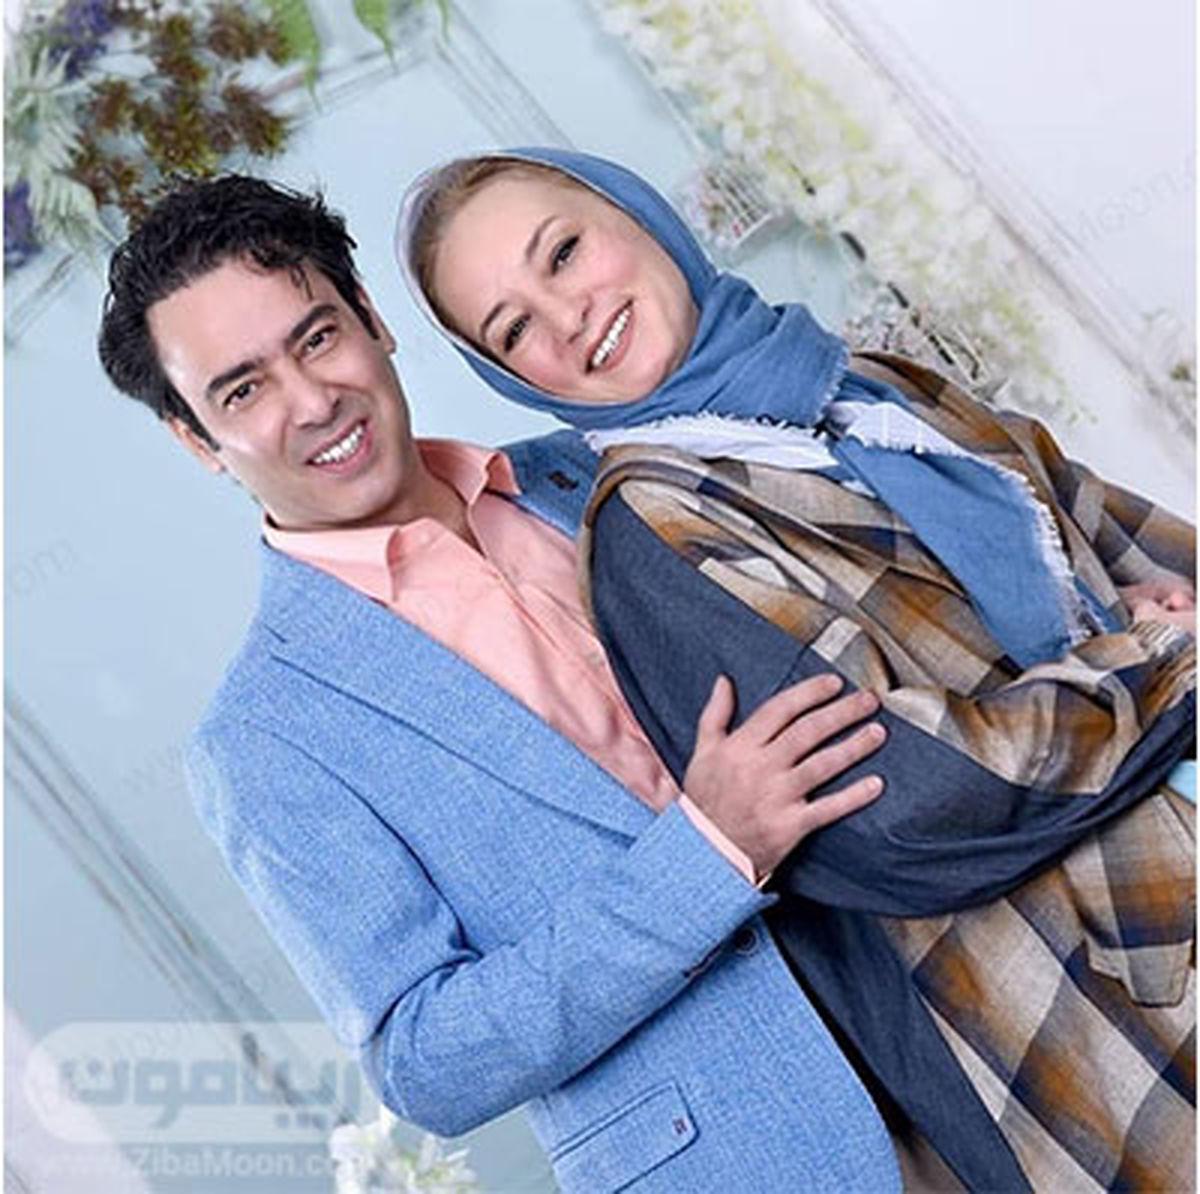 سحر ولدبیگی در آغوش نیما فلاح/ آرایش غلیظ سحر ولدبیگی + عکس